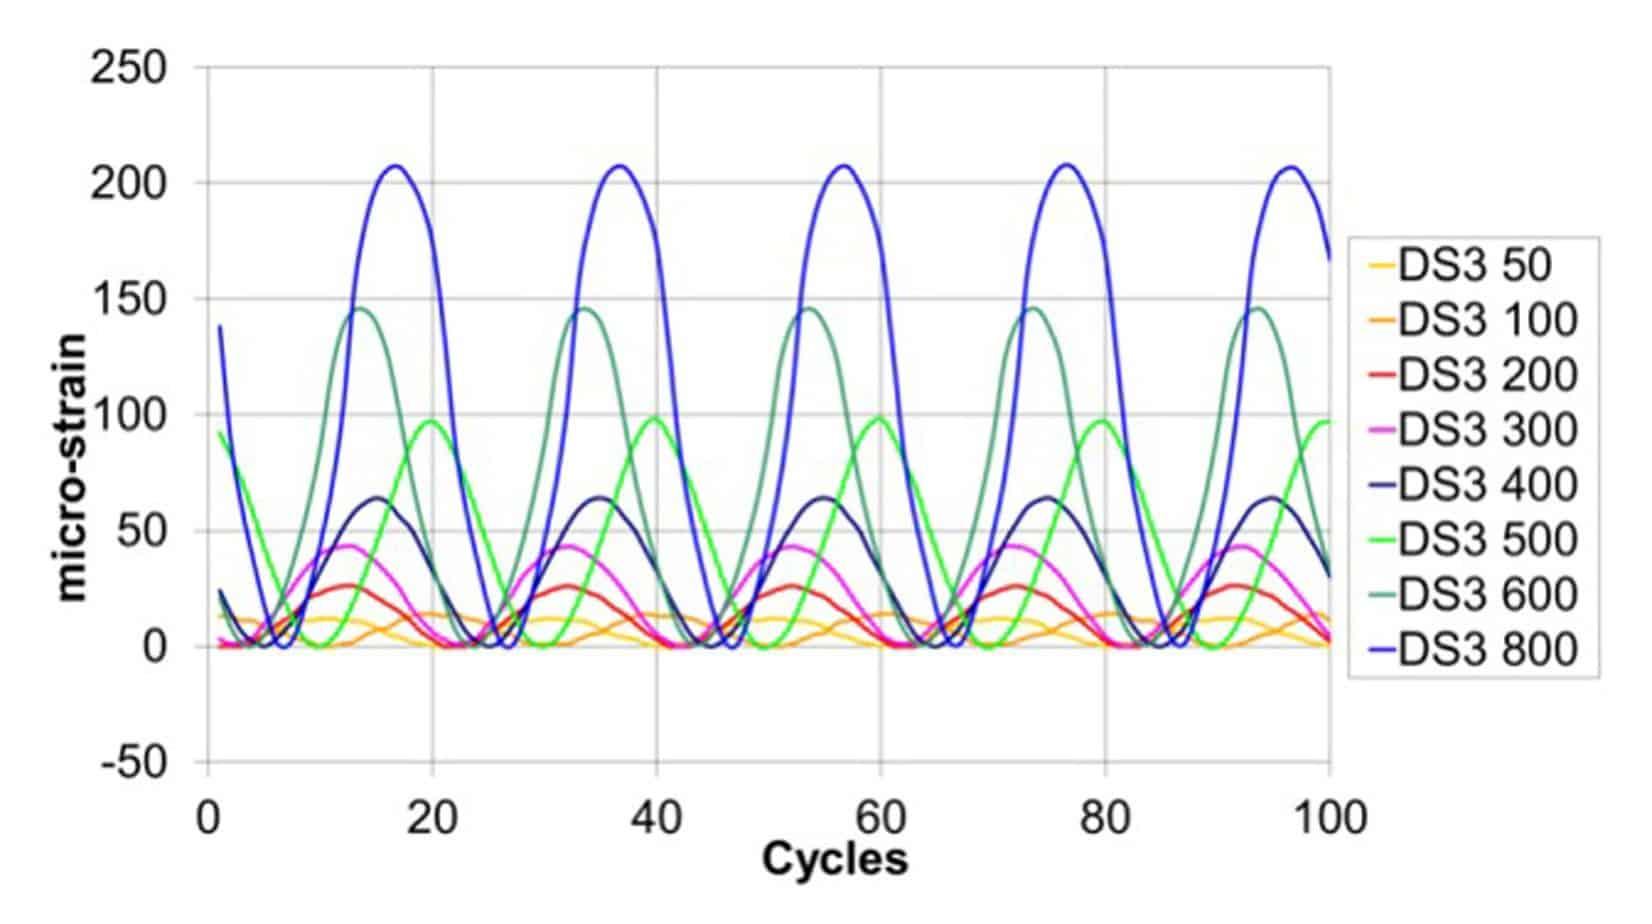 La deformazione di tipo sinusoidale registrata dal sistema di monitoraggio alle varie ampiezze